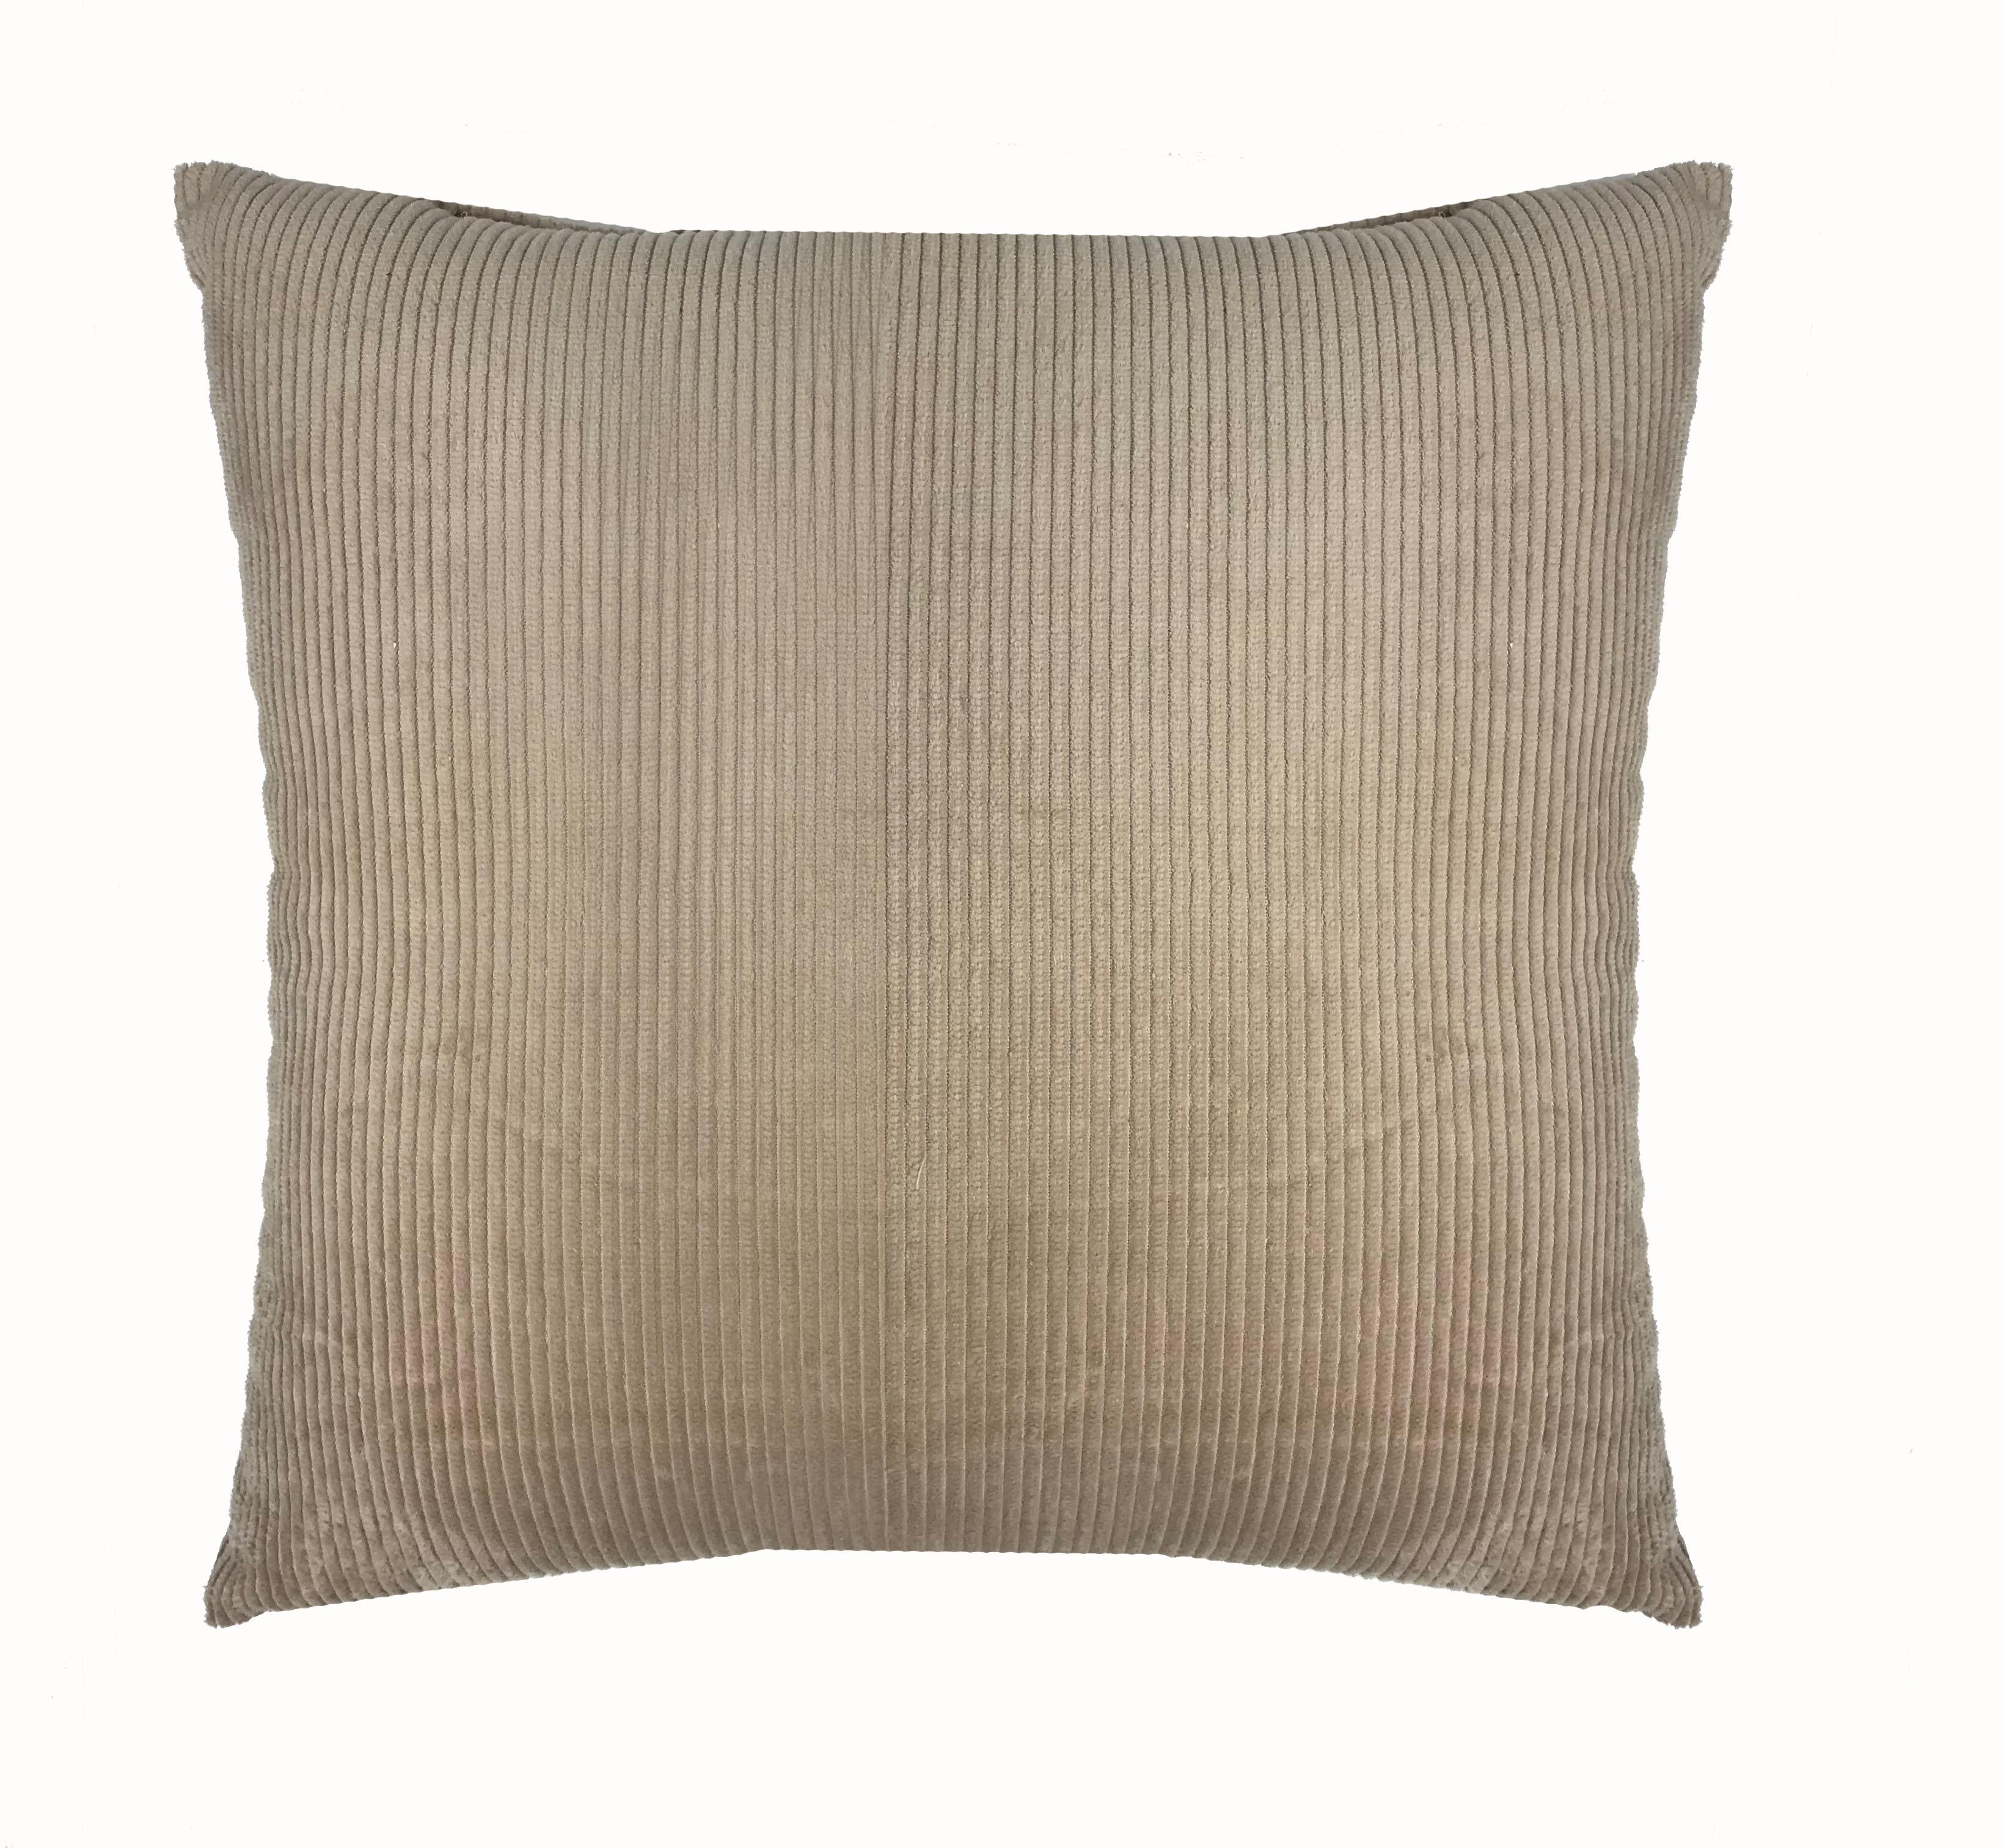 Cream Cord 45cm x 45cm Cushion